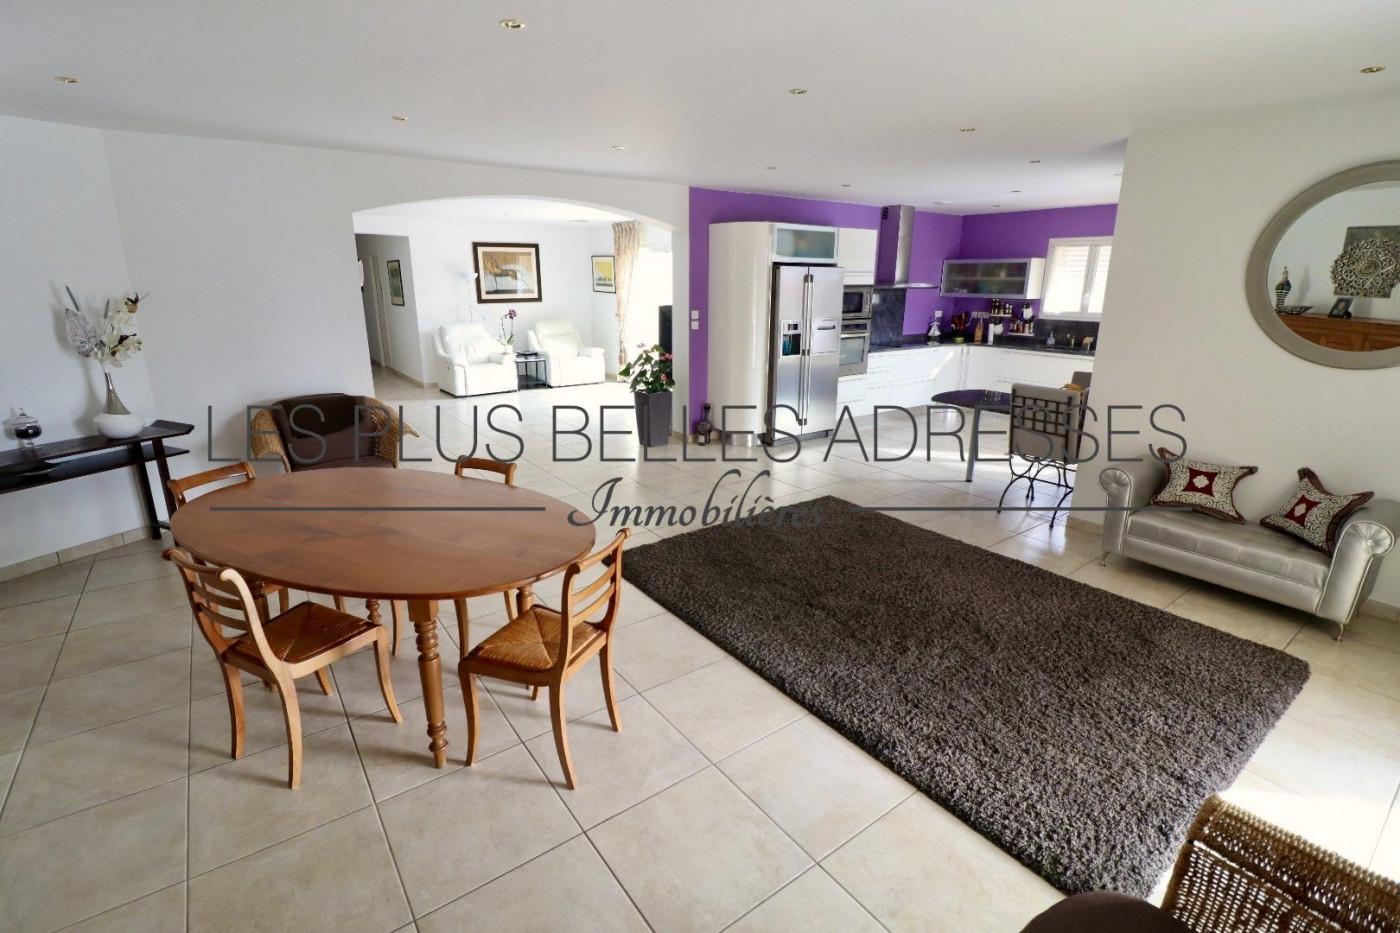 A vendre Brouilla 6605715 Les plus belles adresses